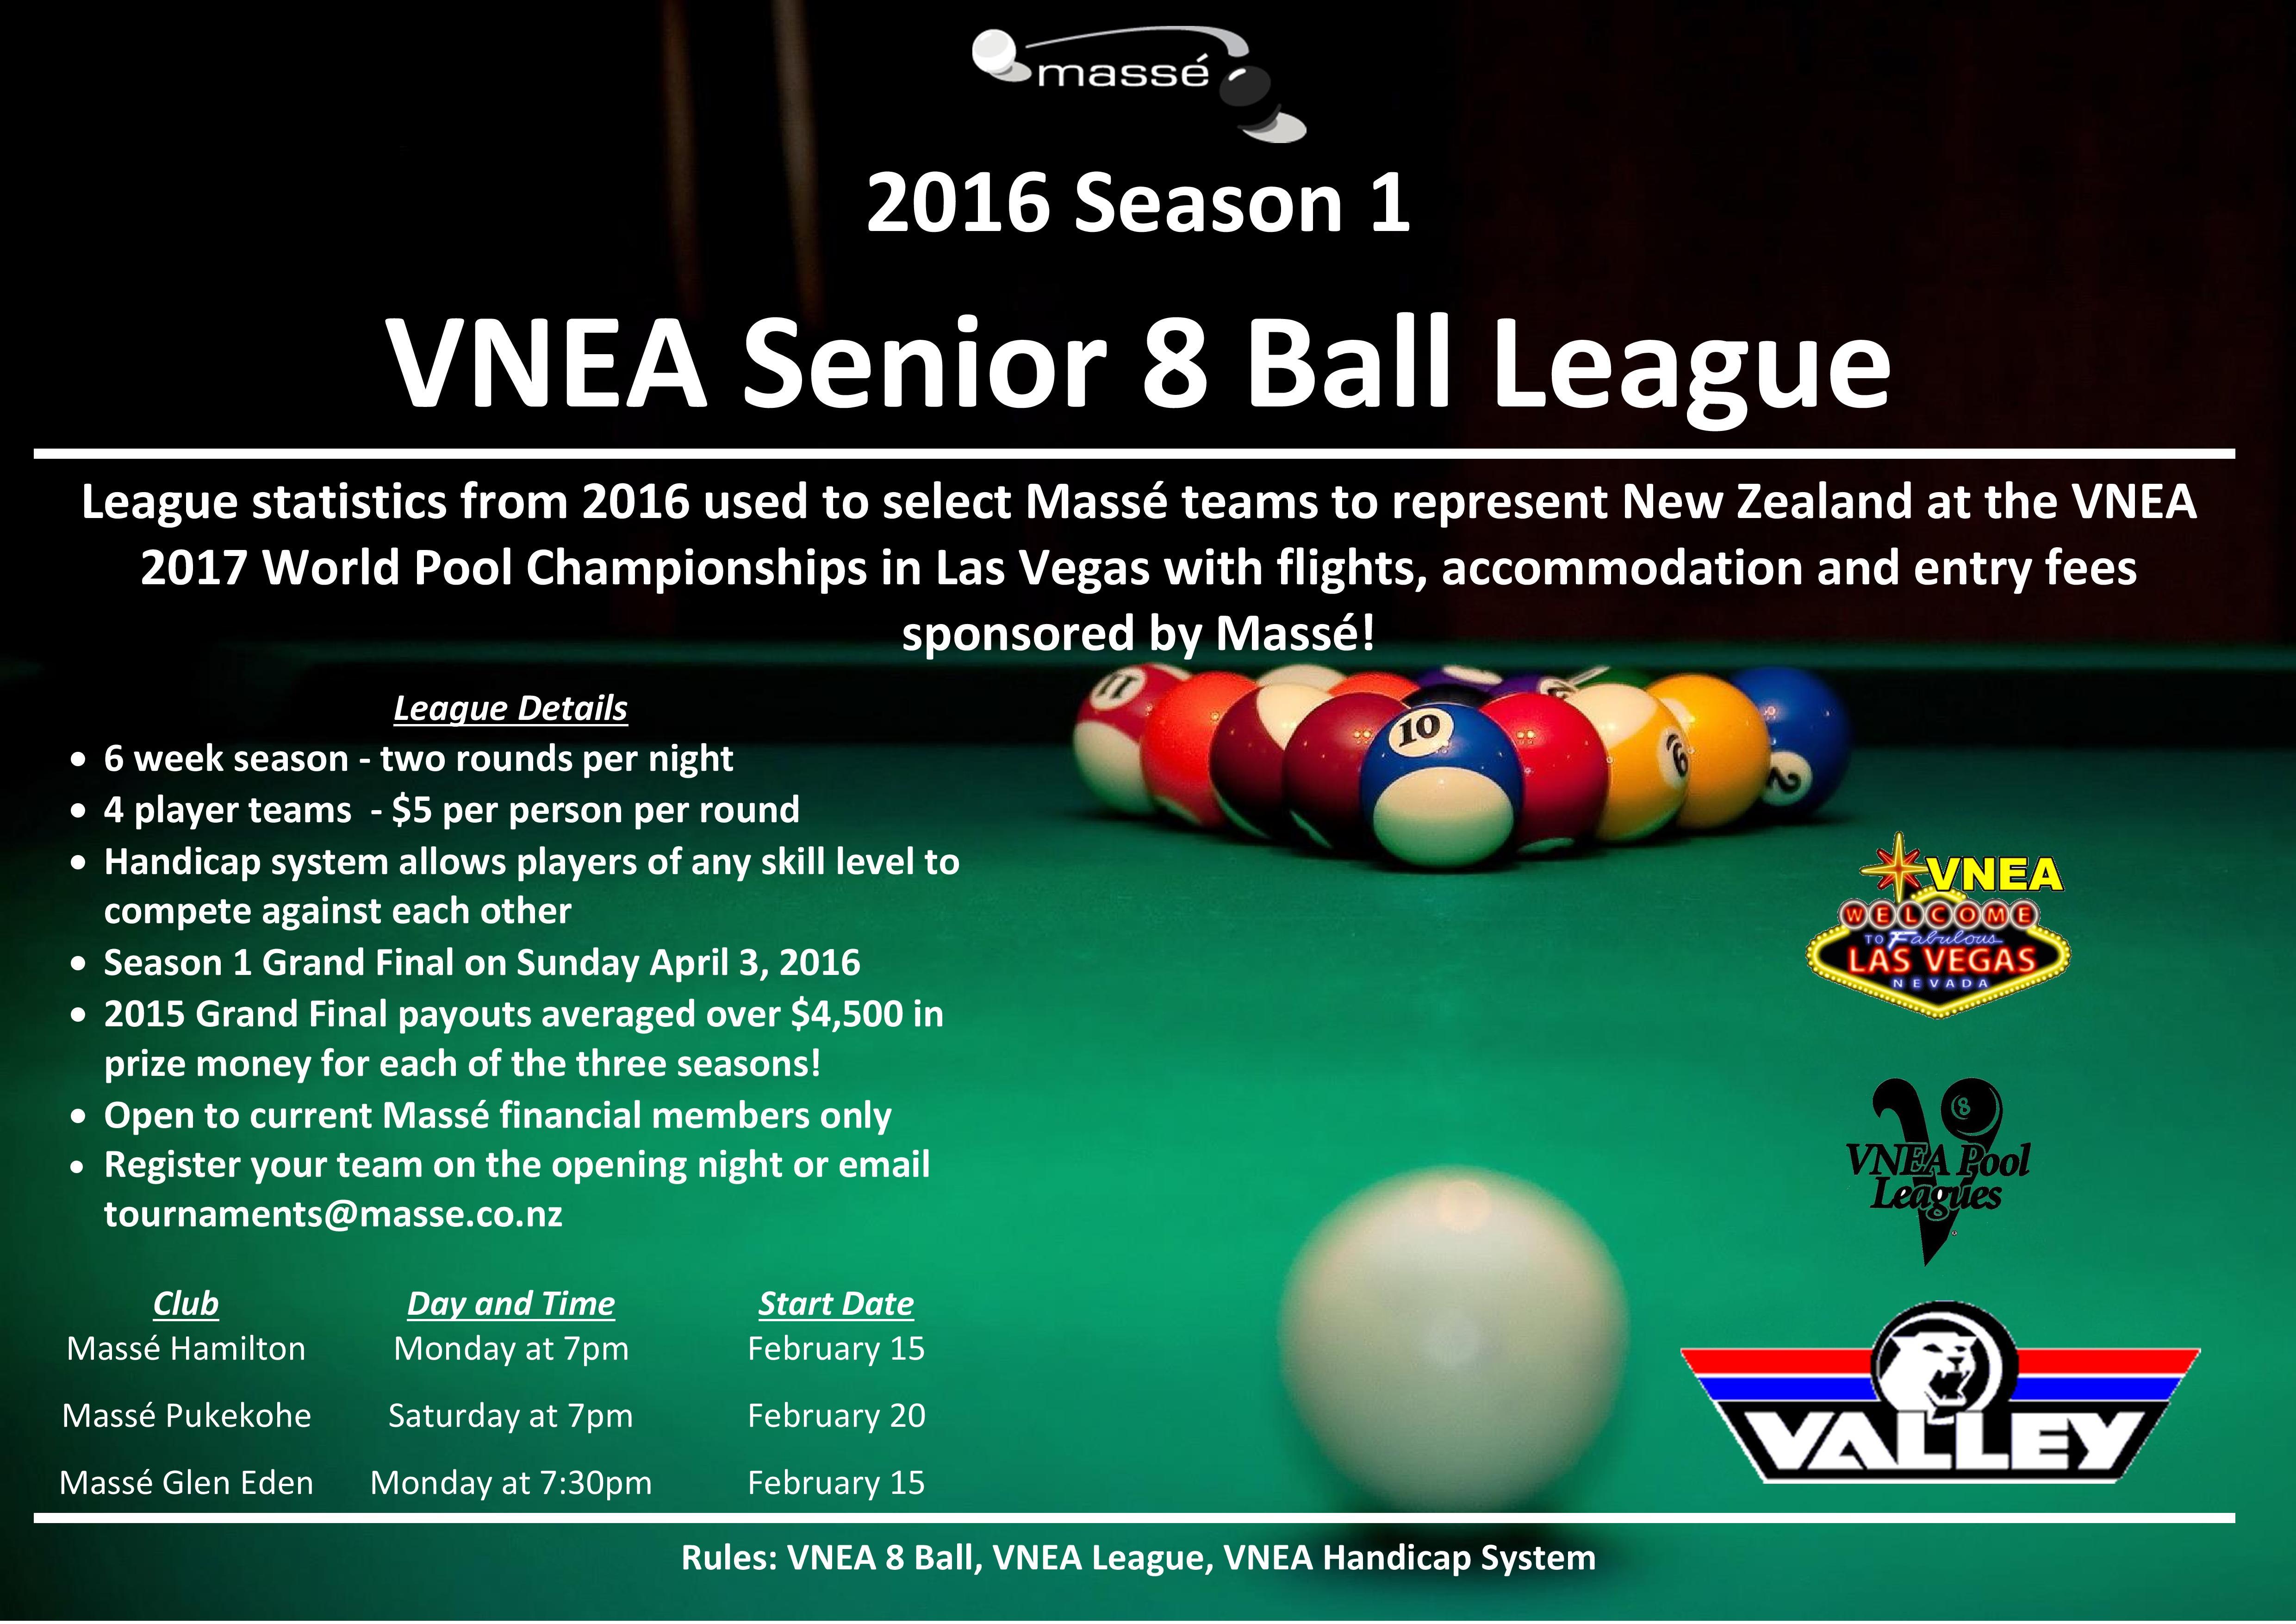 2016-s1-vnea-senior-8-ball-league